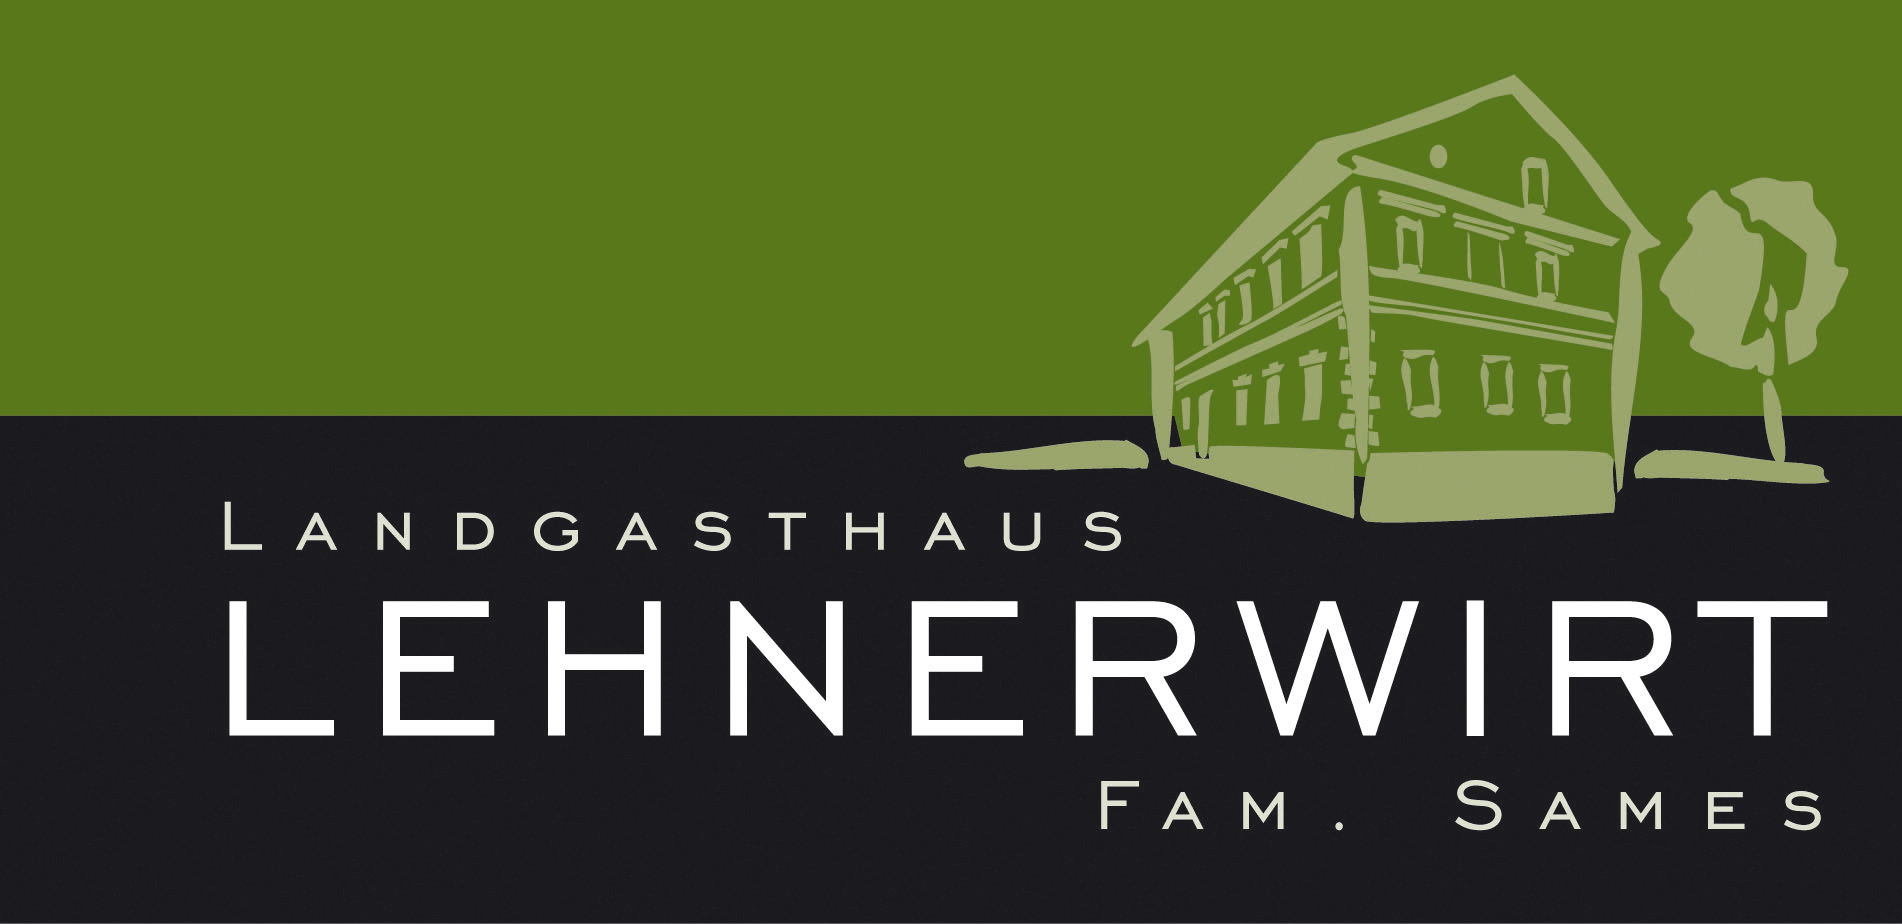 Landgasthaus Lehnerwirt